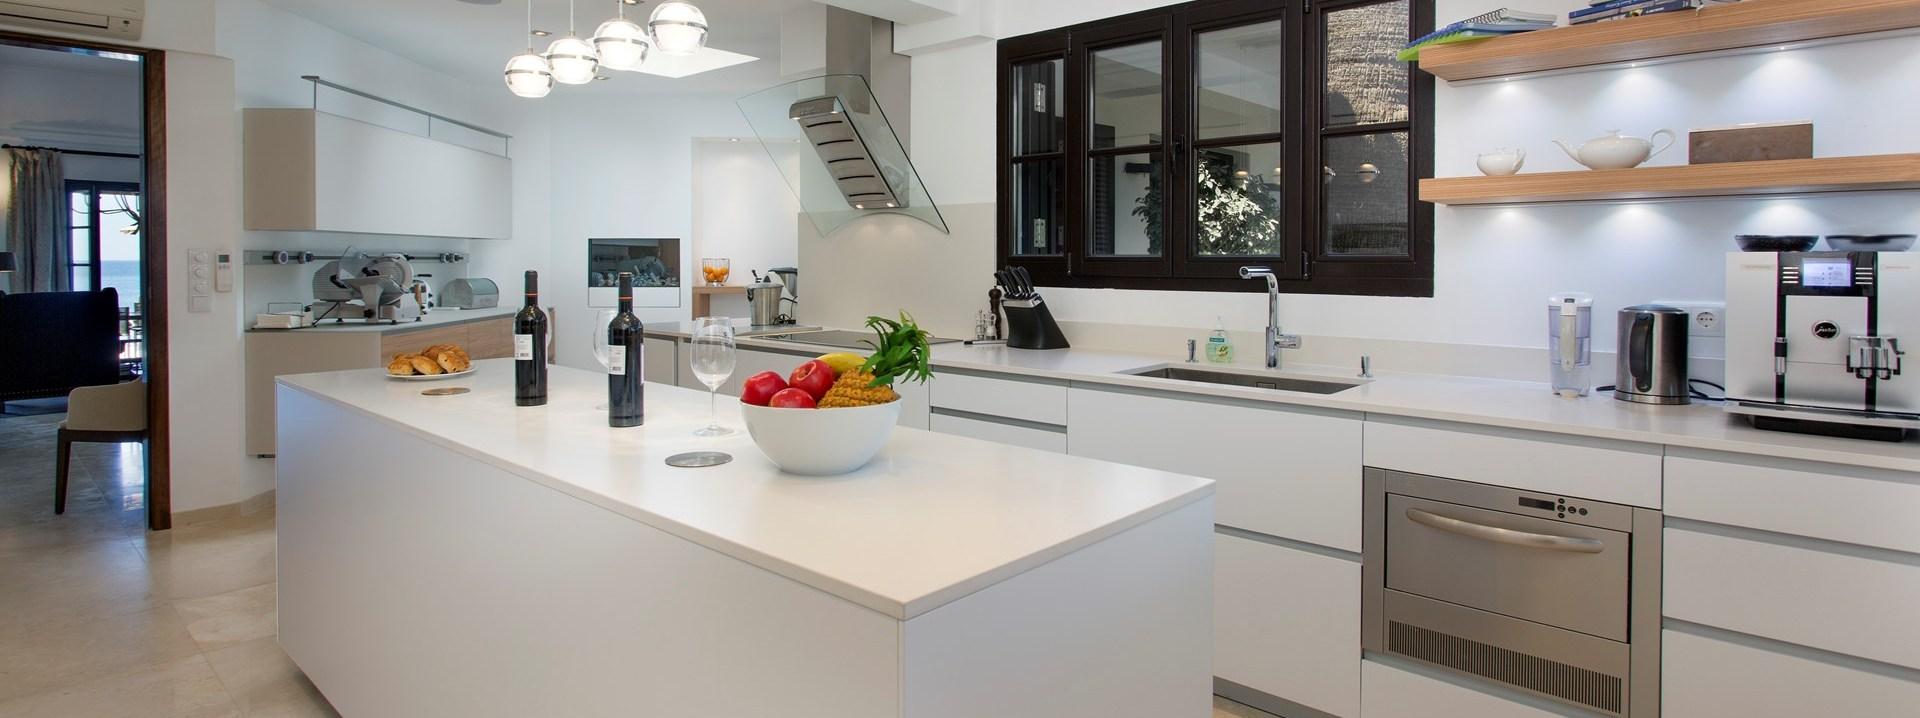 villa-balbina-algarve-kitchen